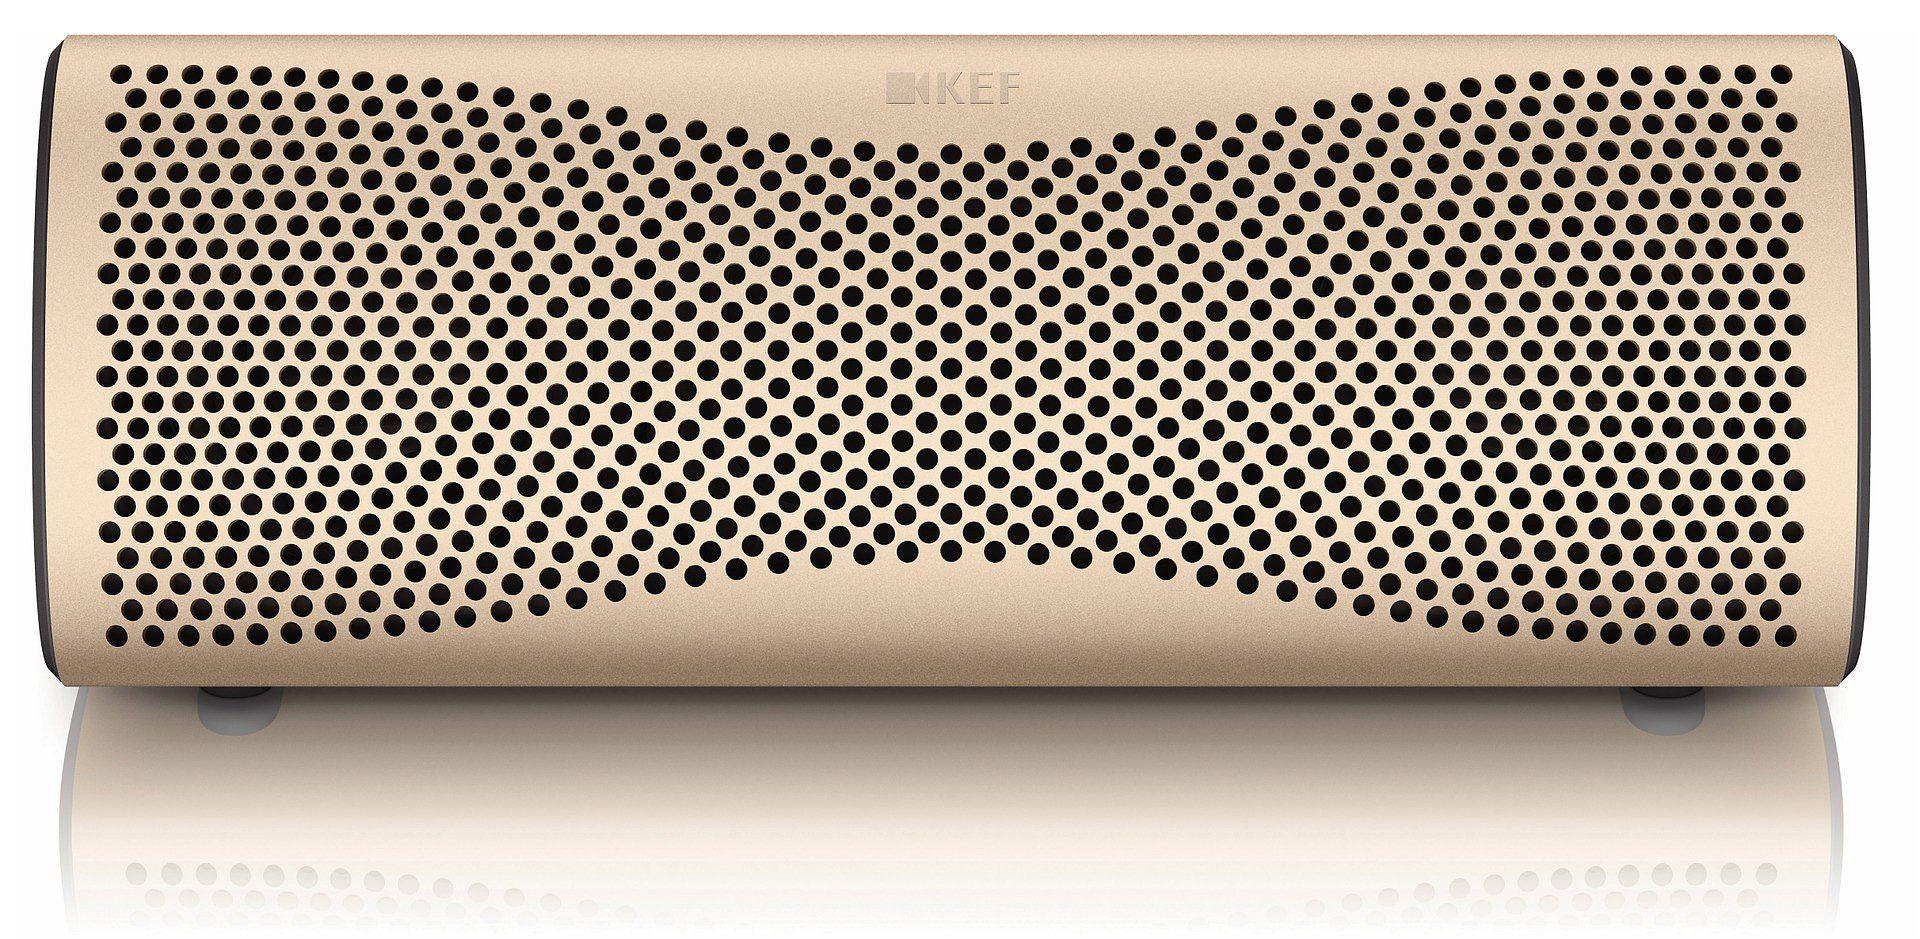 [Derzeit nicht lieferbar] KEF MUO Horizon: Multimedia-Lautsprecher - 12 Stunden Akku - aptX Bluetooth - NFC - Stereo